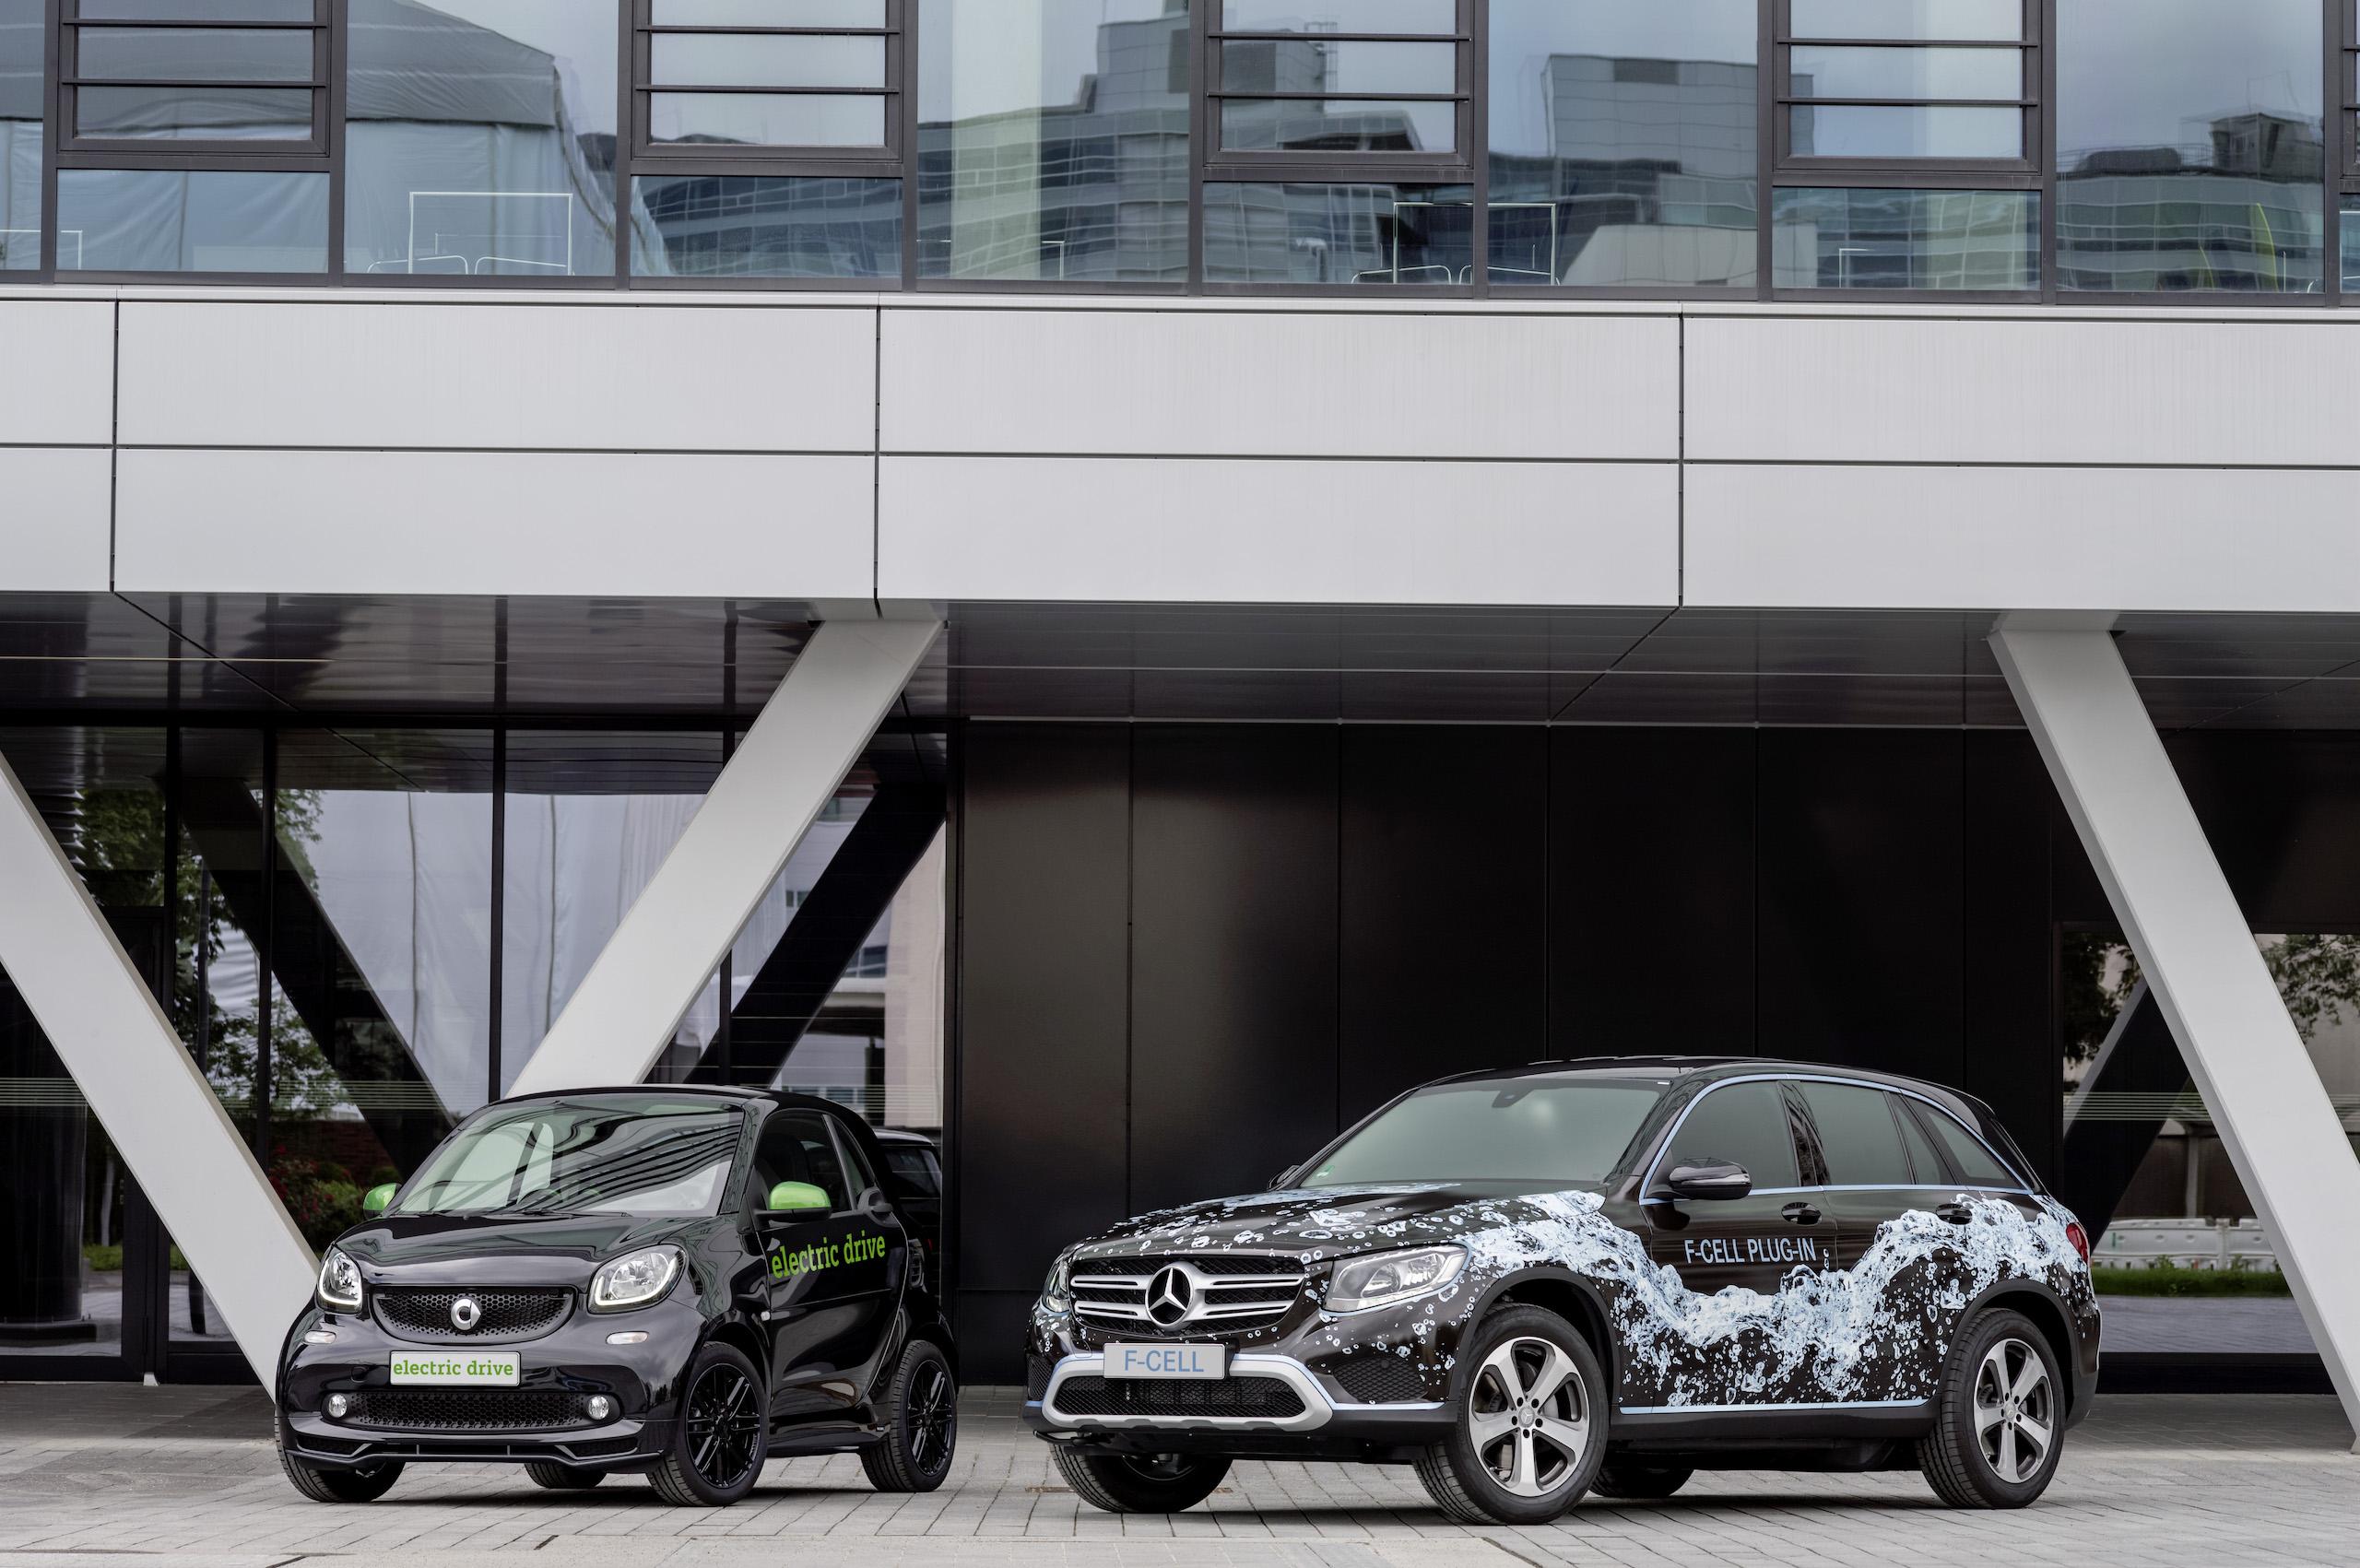 Die nächste Generation Brennstoffzellenfahrzeug von Mercedes-Benz: Ein Prototyp des Mercedes-Benz GLC-F-CELL. Außerdem der neue smart electric drive (Prototyp) , der noch in diesem Jahr startet.